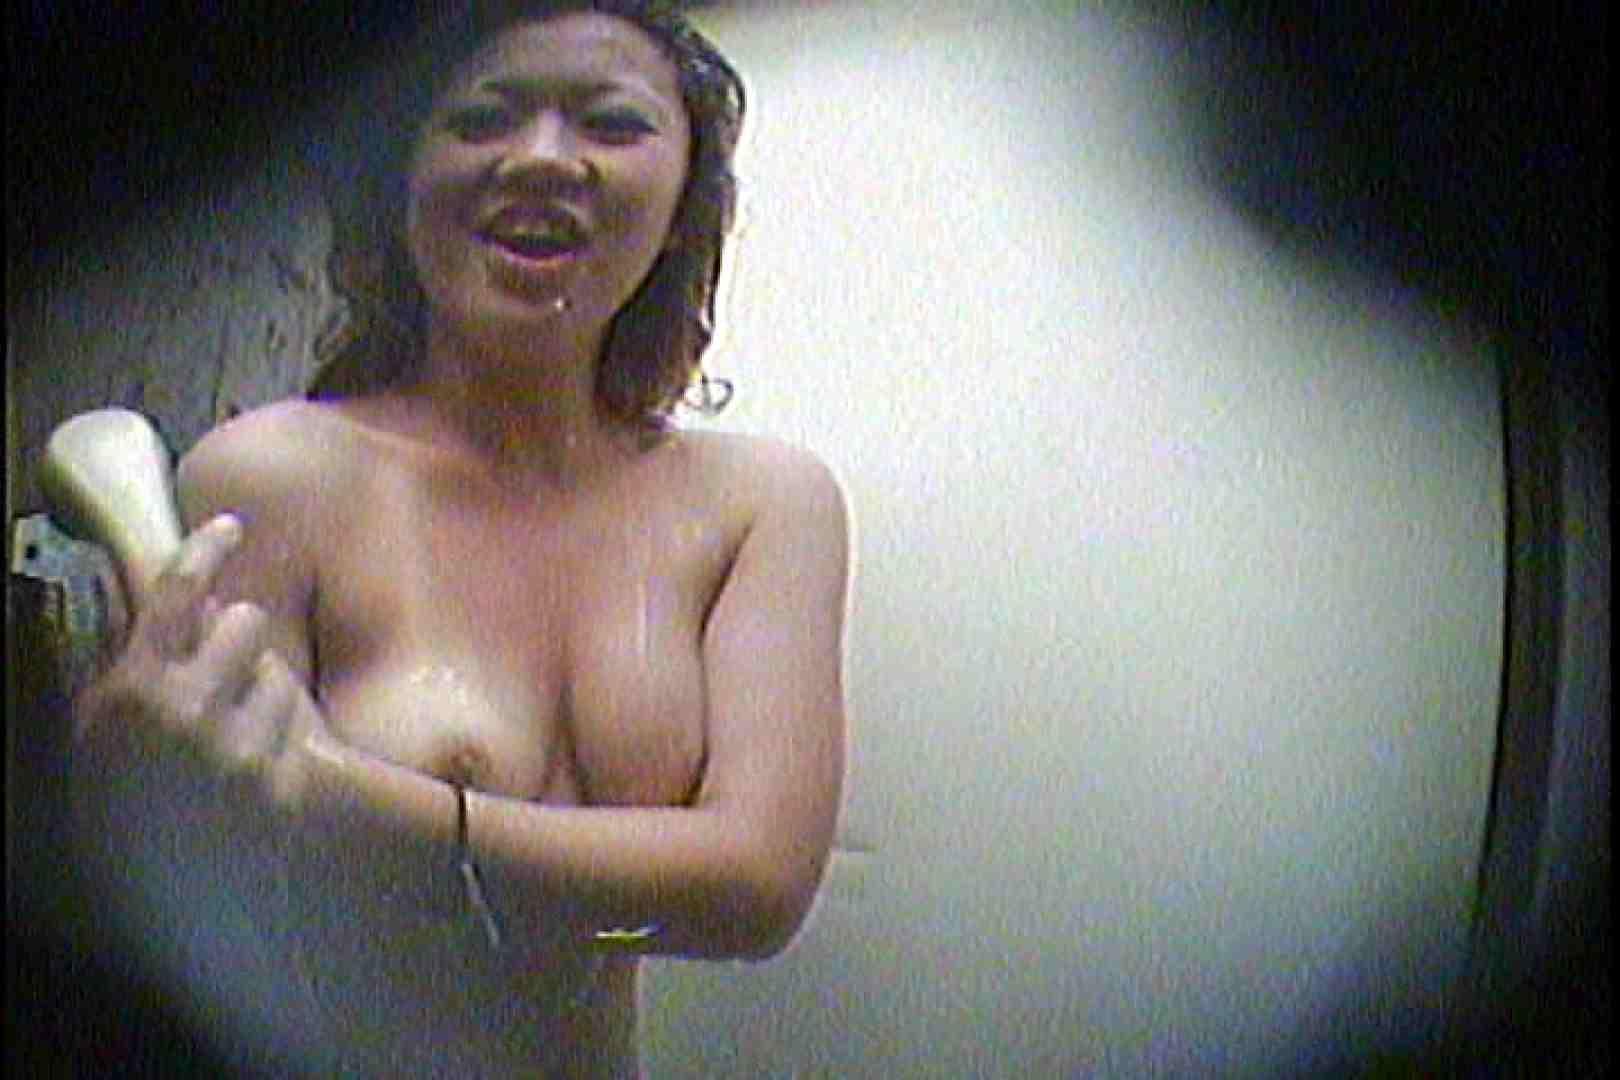 海の家の更衣室 Vol.21 美女のボディ エロ画像 99PIX 50